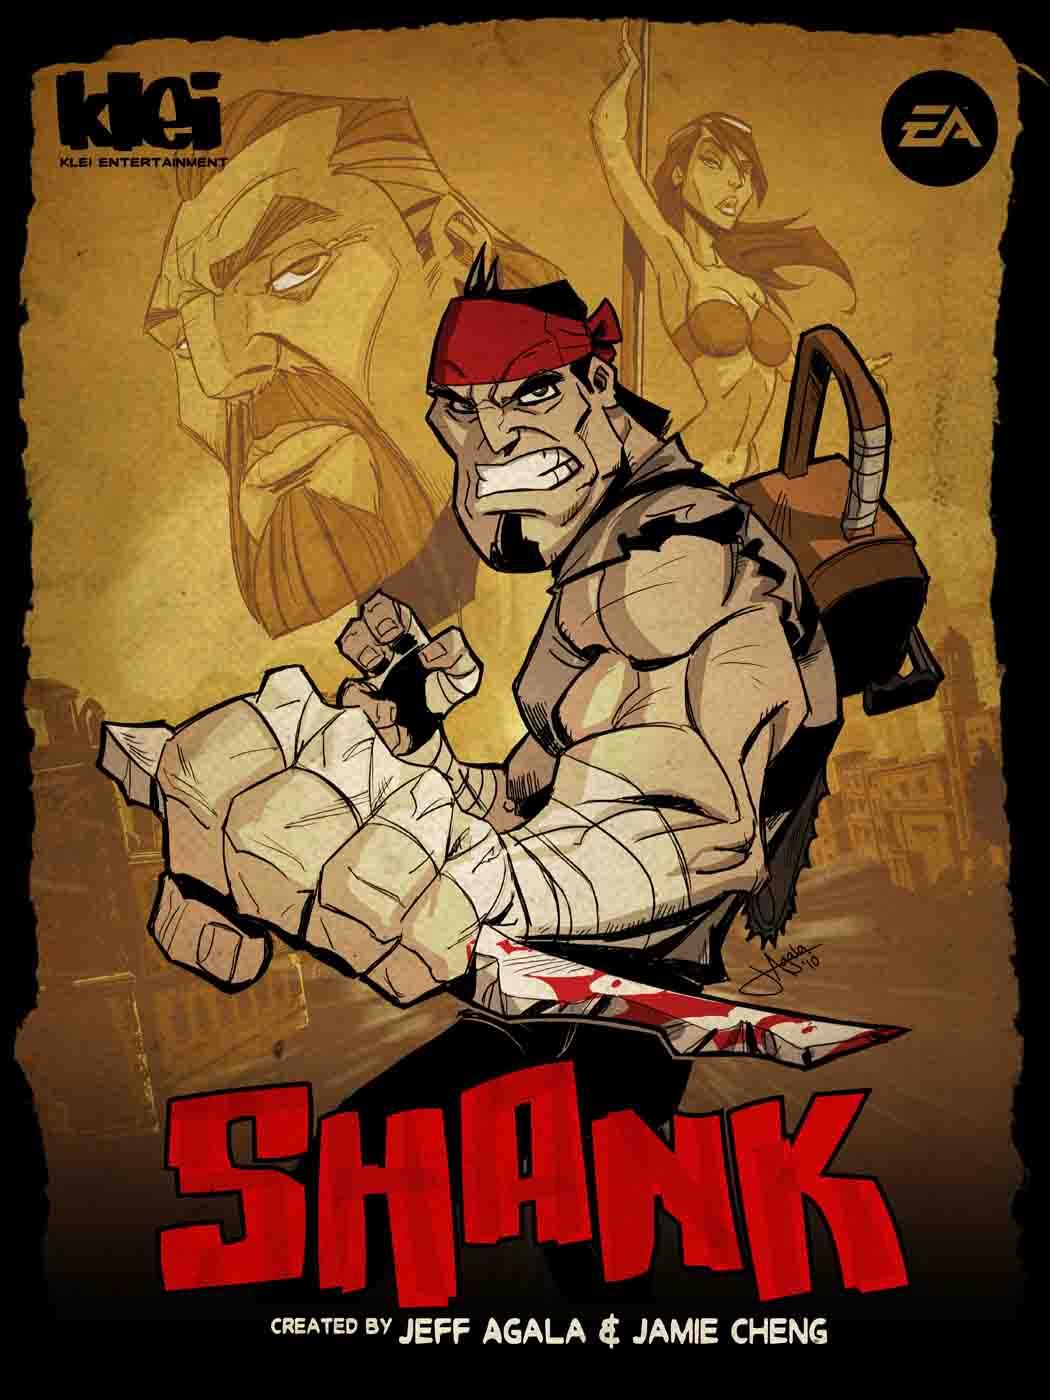 http://4.bp.blogspot.com/-IW9W0irQoNo/TsusACEyCCI/AAAAAAAAARs/aH5oBsUUMaw/s1600/Shank+Game+Wallpaper.jpg